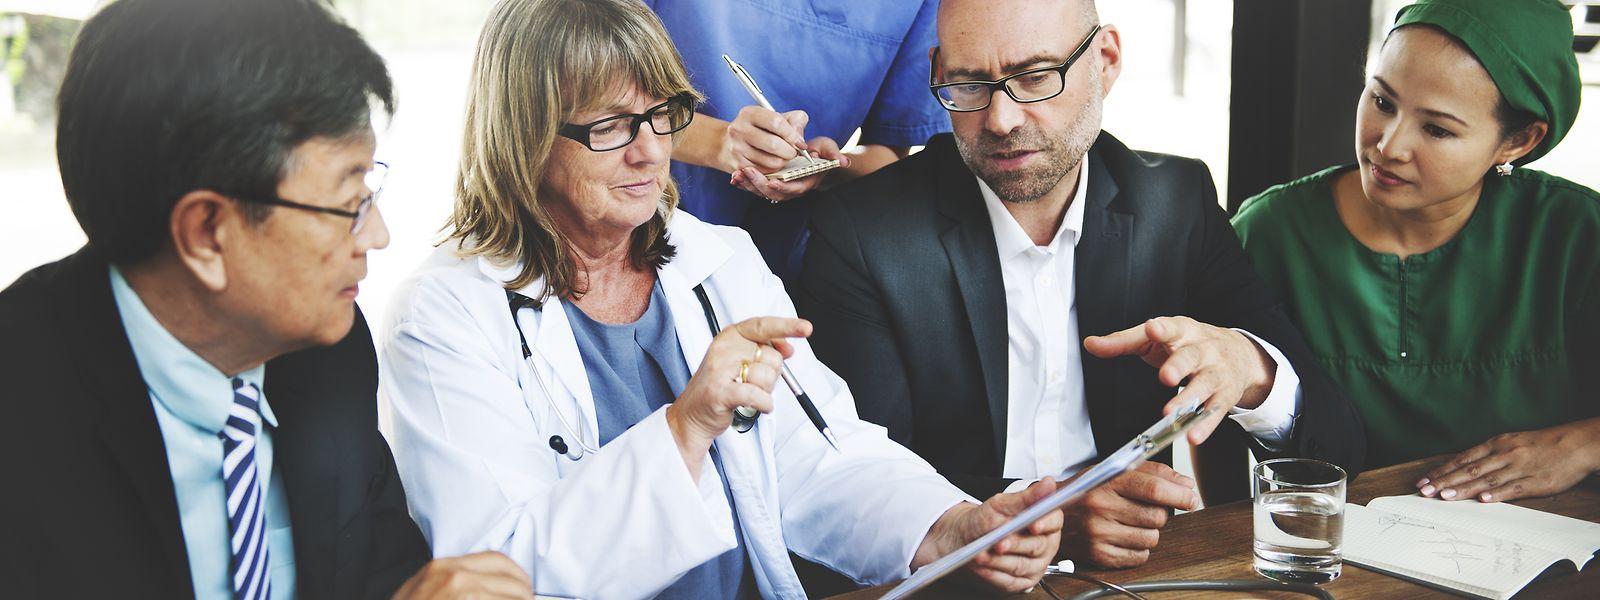 Gerade im Gesundheitssektor führten Beteiligungsfirmen in den letzten Jahren vermehrt Übernahmen durch.